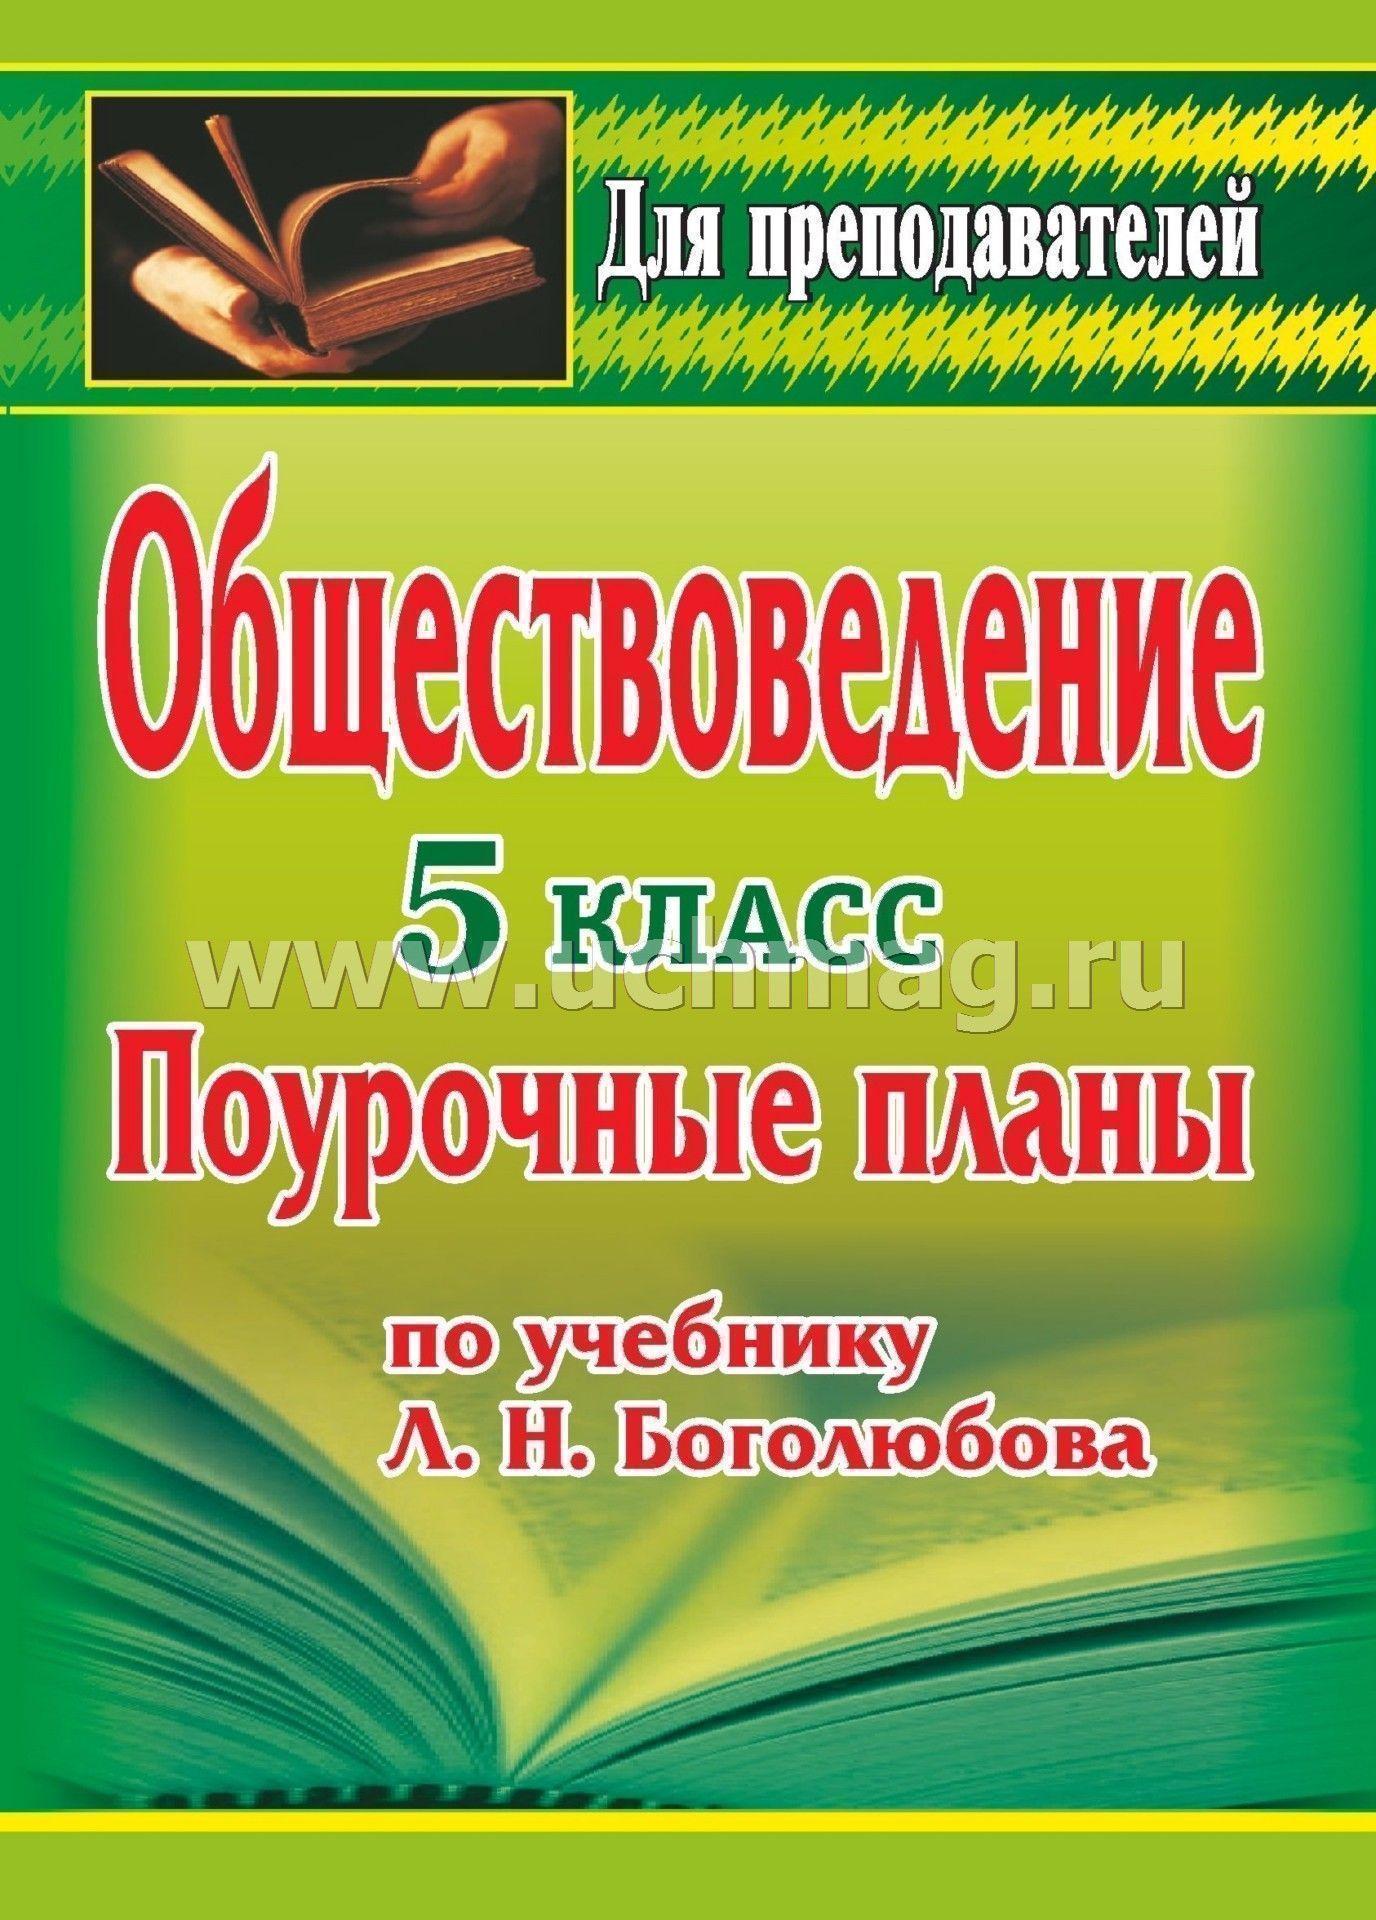 Списывай.ру по истории 5 класс годер рабочая тетрадь 1 часть